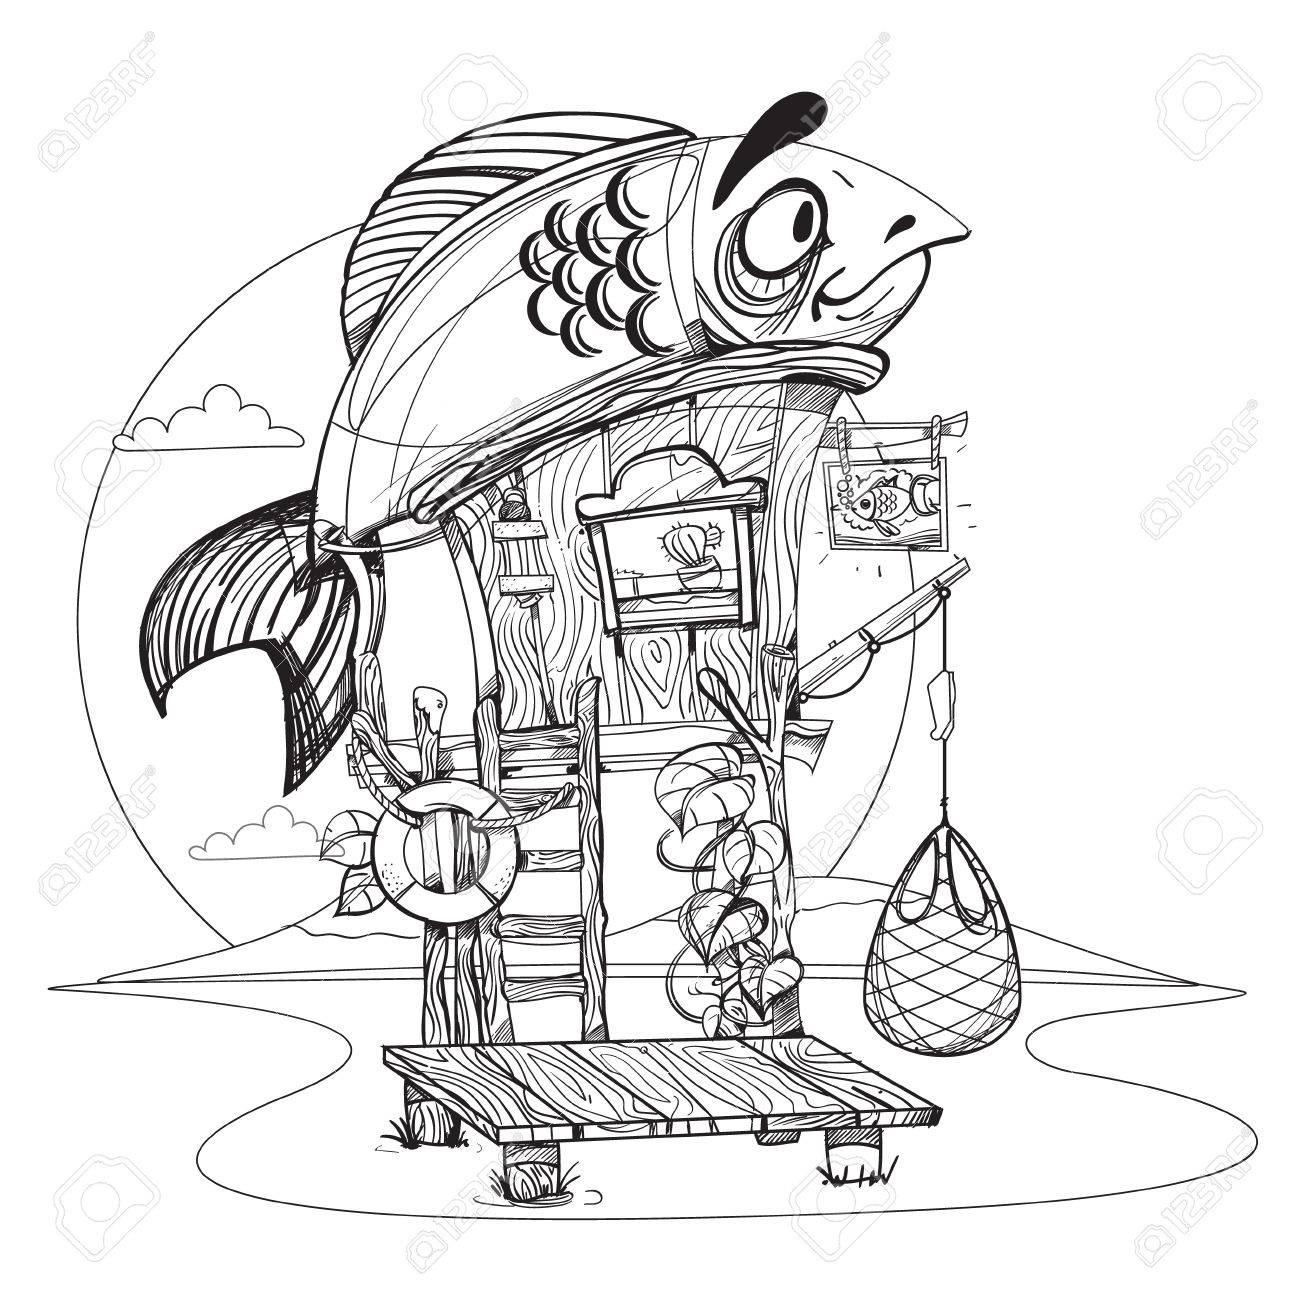 1300x1300 House Fisherman. Cartoon Illustration Of A Wooden Hut On Stilts